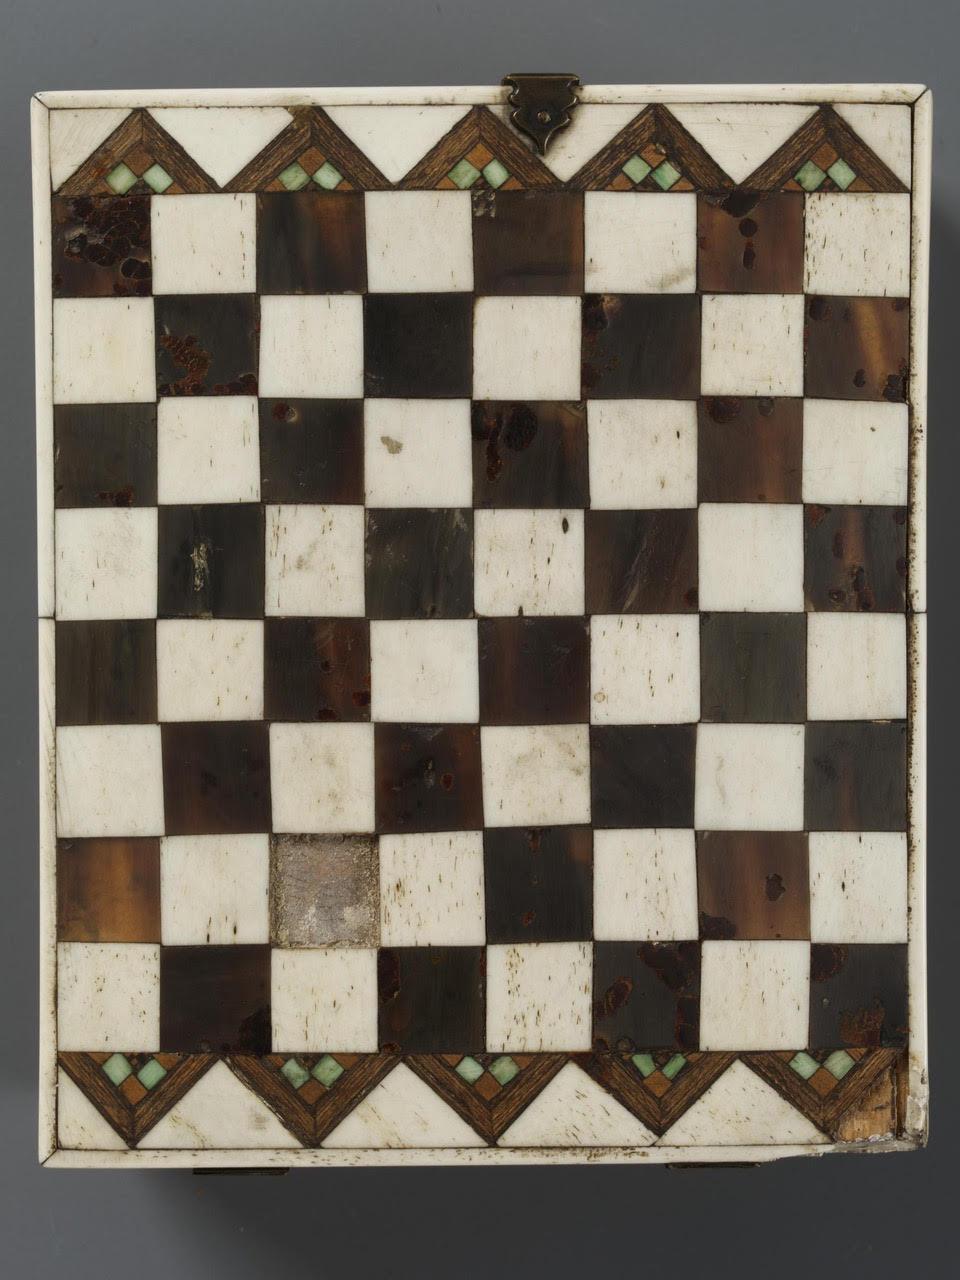 Die Oberseite des Minnekästchens ist mit einem Schachbrettmuster verziert.